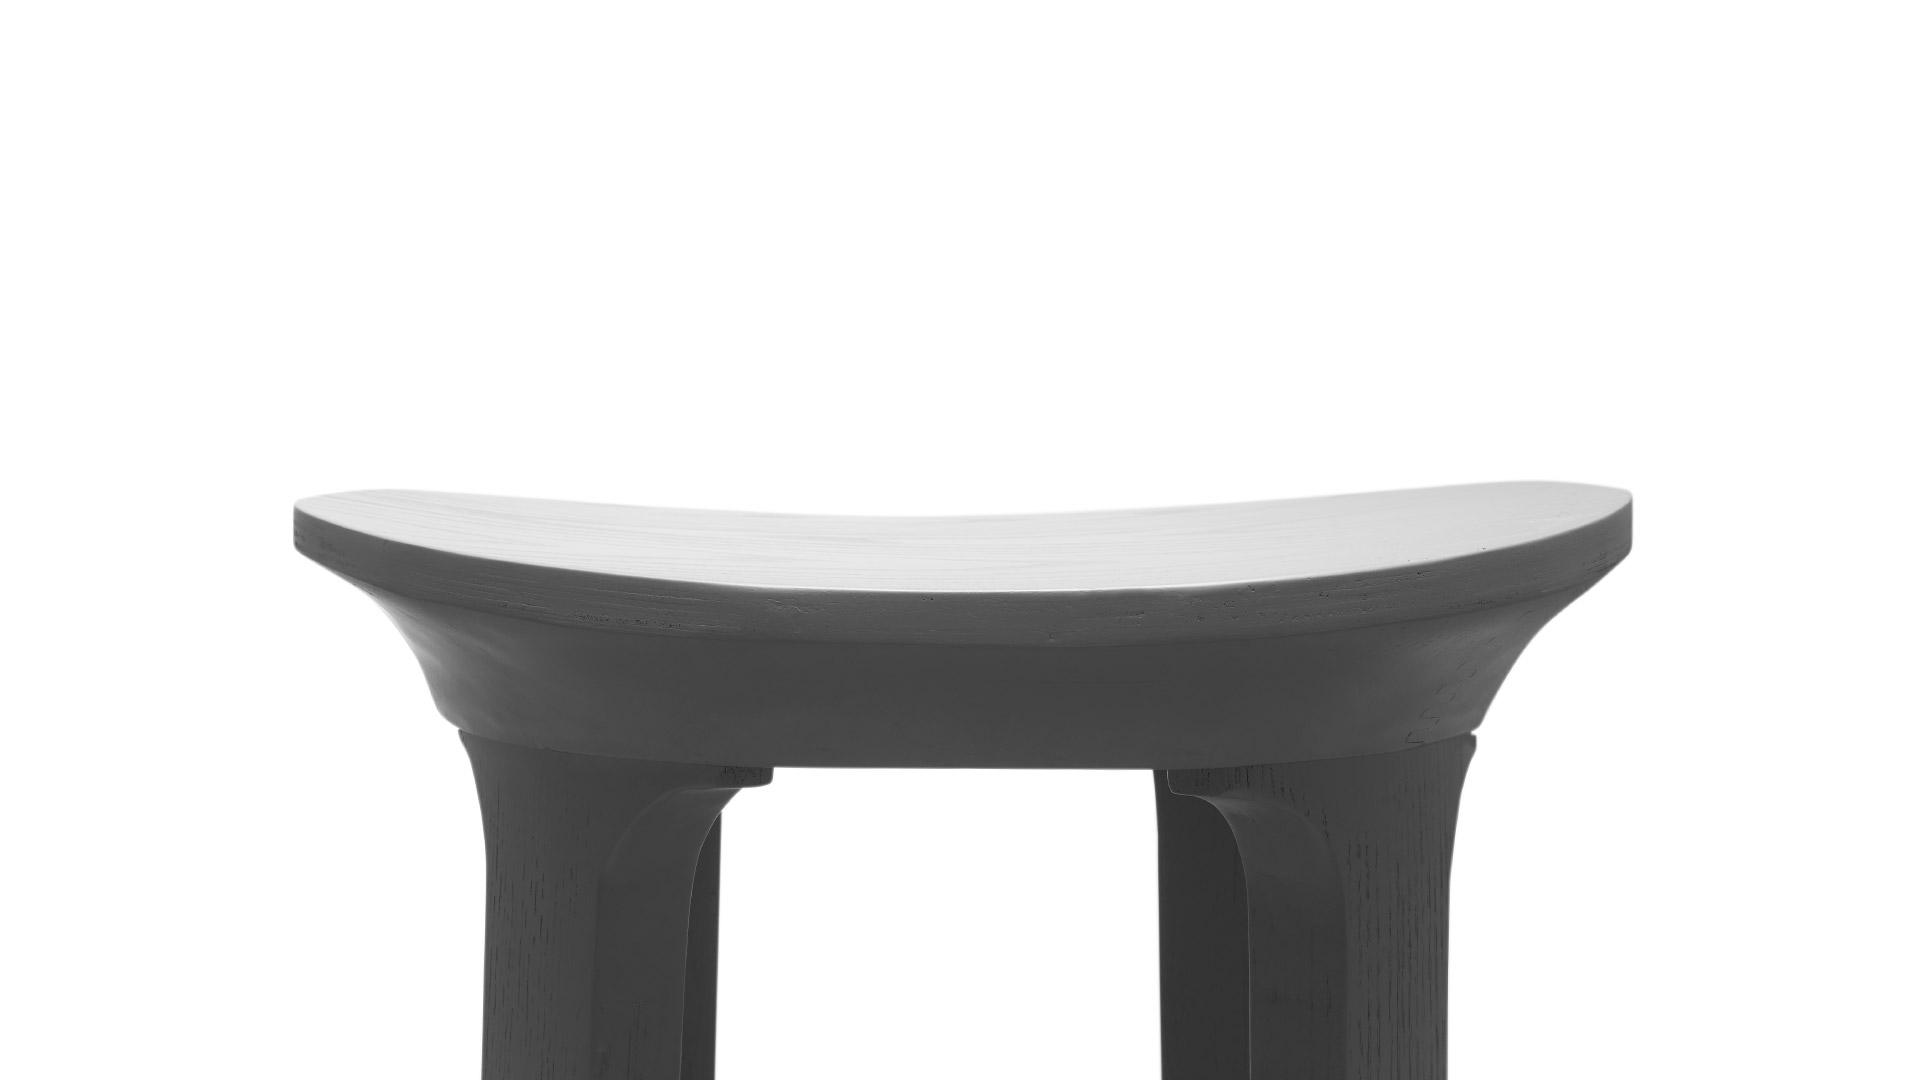 符合人体臀部曲线的马鞍型椅凳,合理承托久坐也自在舒适,与椅腿构成飞檐曲线,营造多维流畅线条,精致设计在细微处也维持一致。